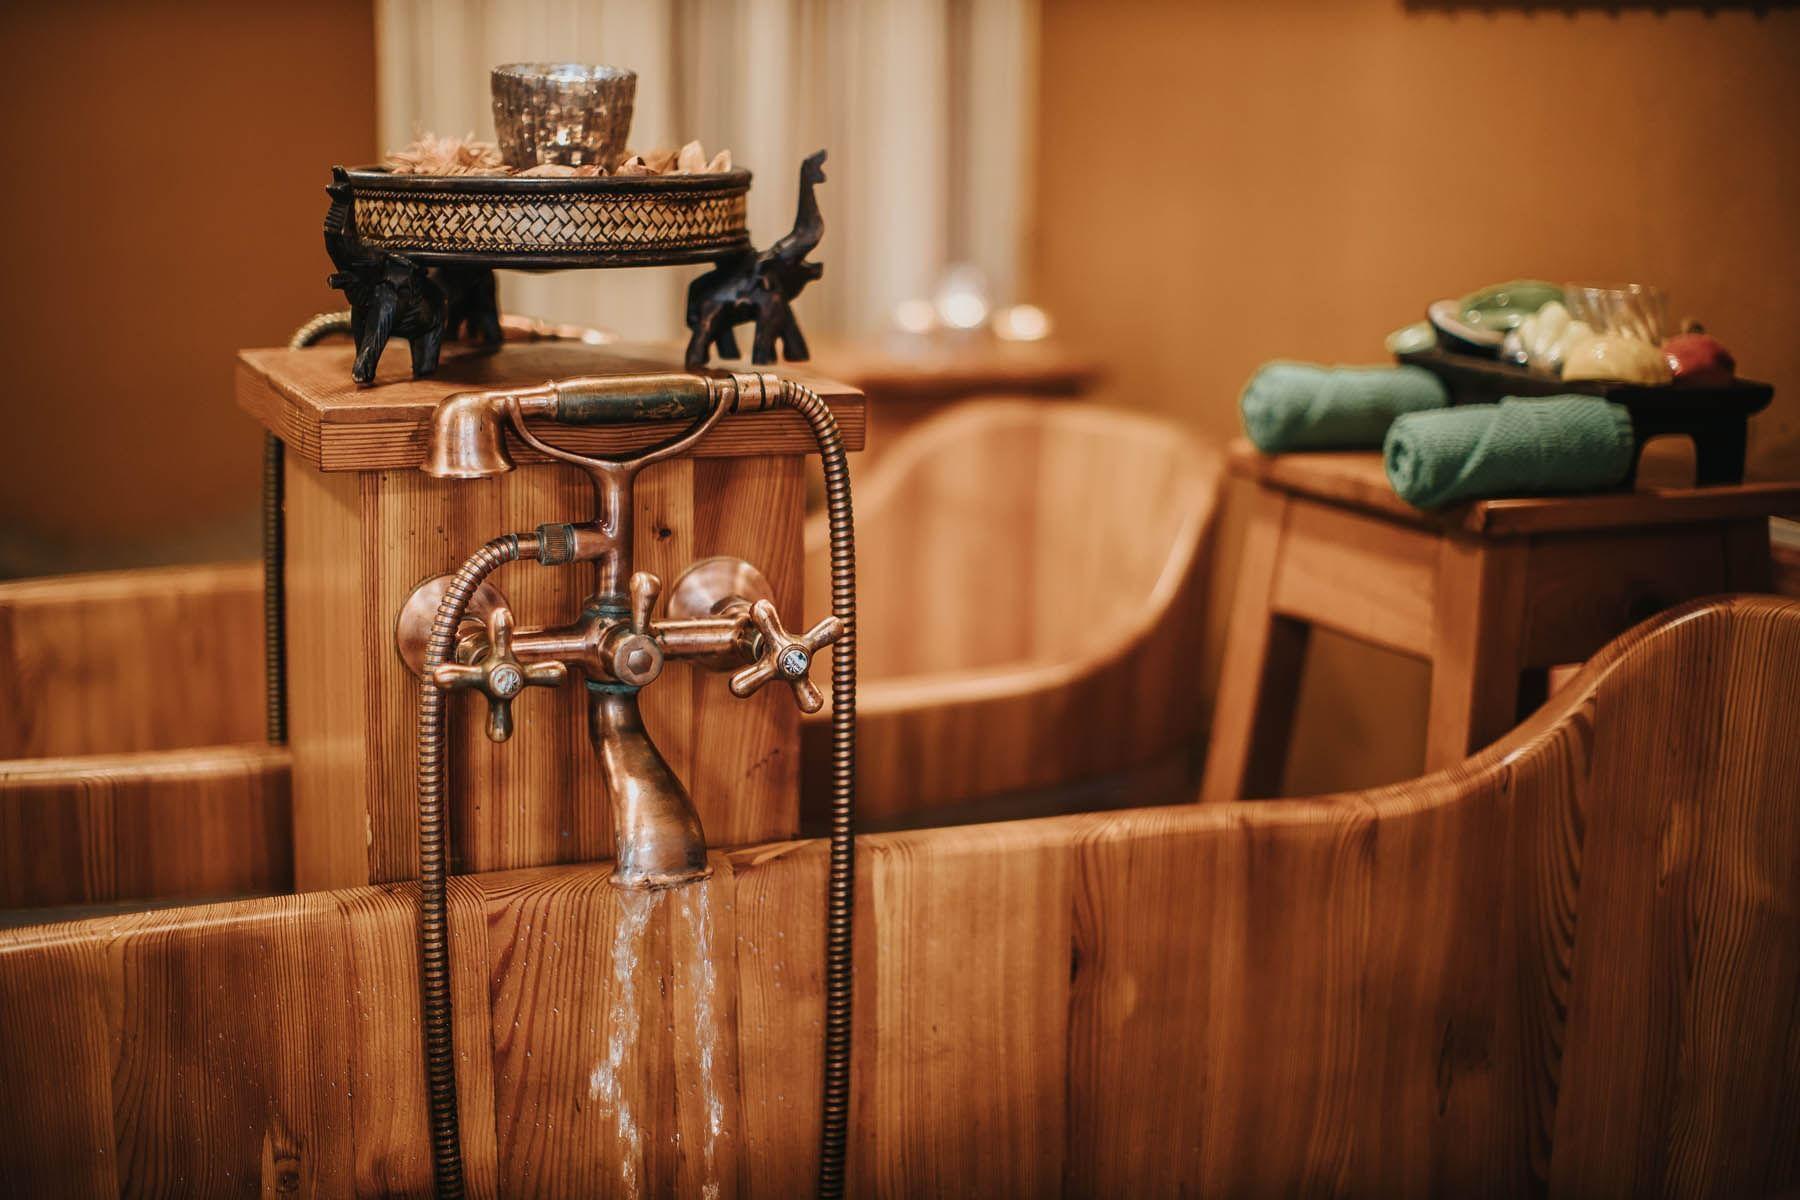 Wooden Bath in Wellness Area - Hotel Ruze, Český Krumlov, Czech